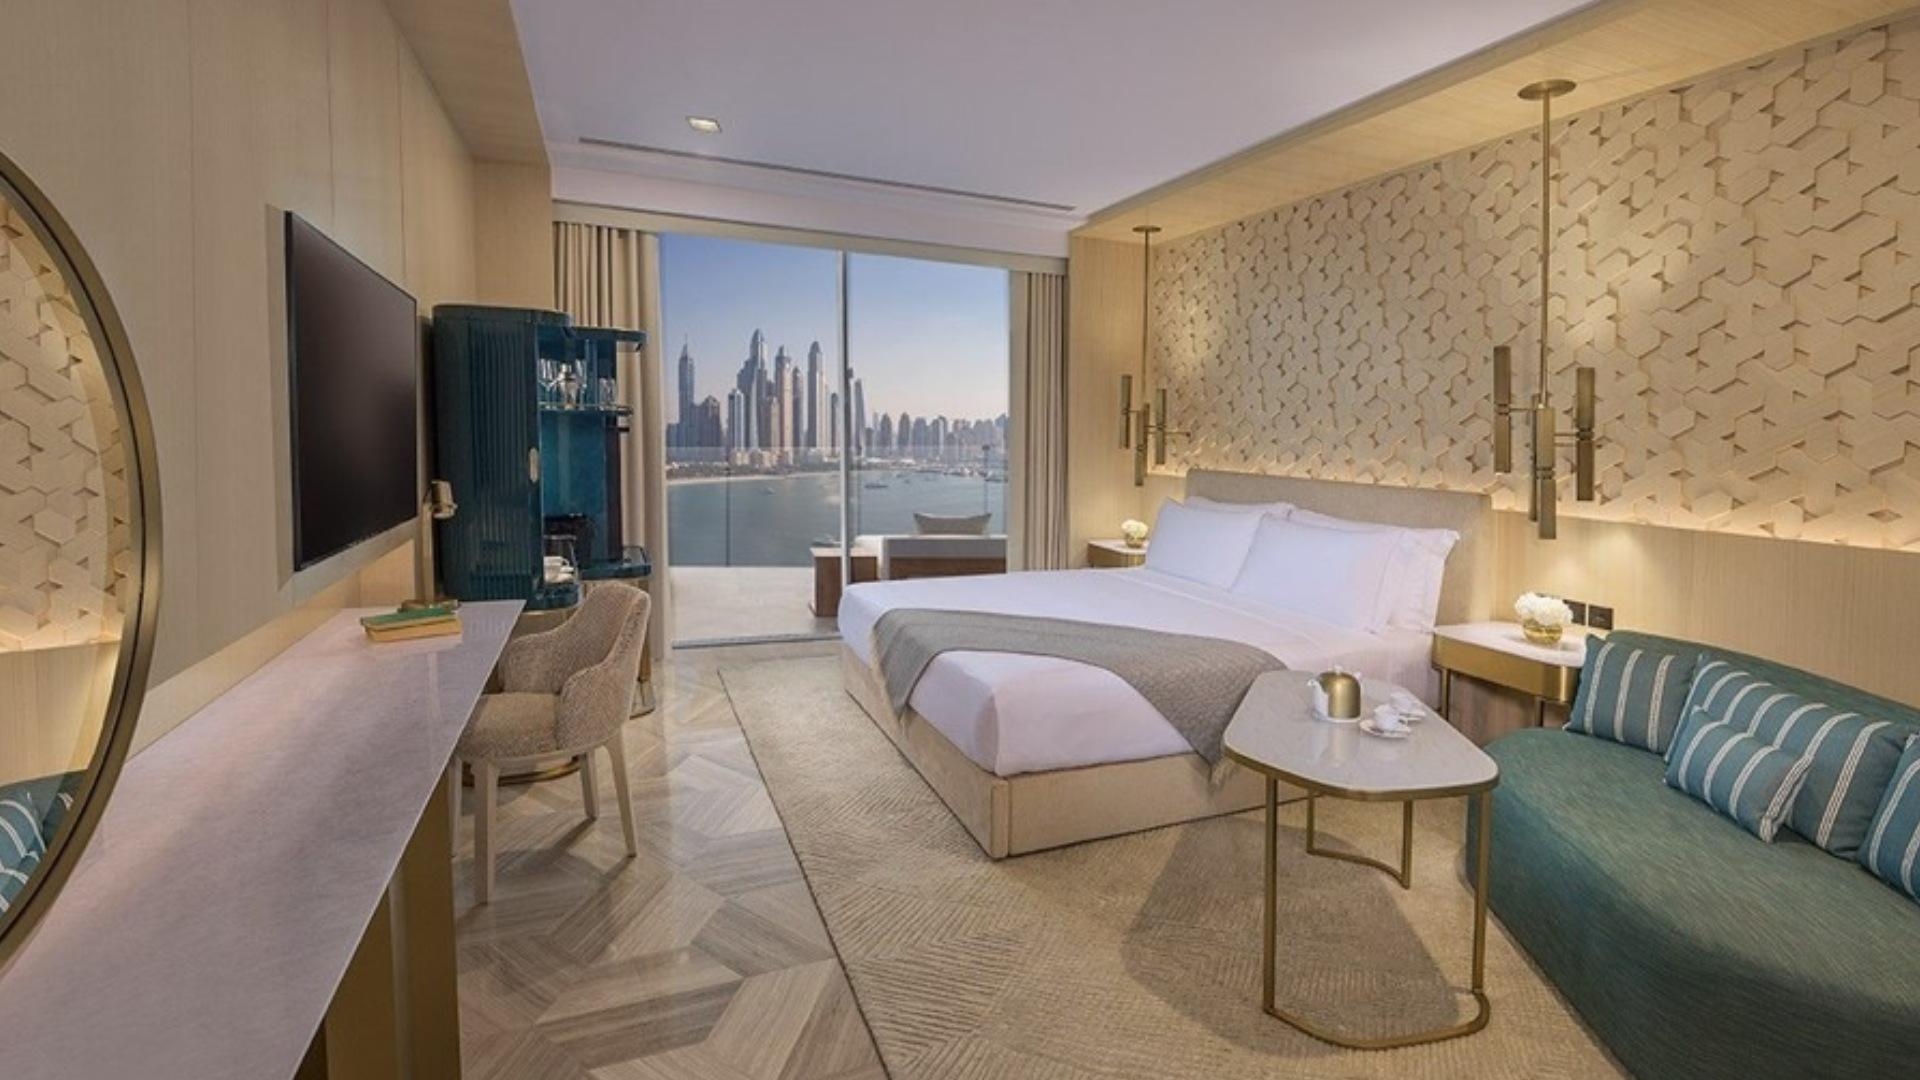 Ático en venta en Dubai, EAU, 4 dormitorios, 528 m2, № 24494 – foto 1